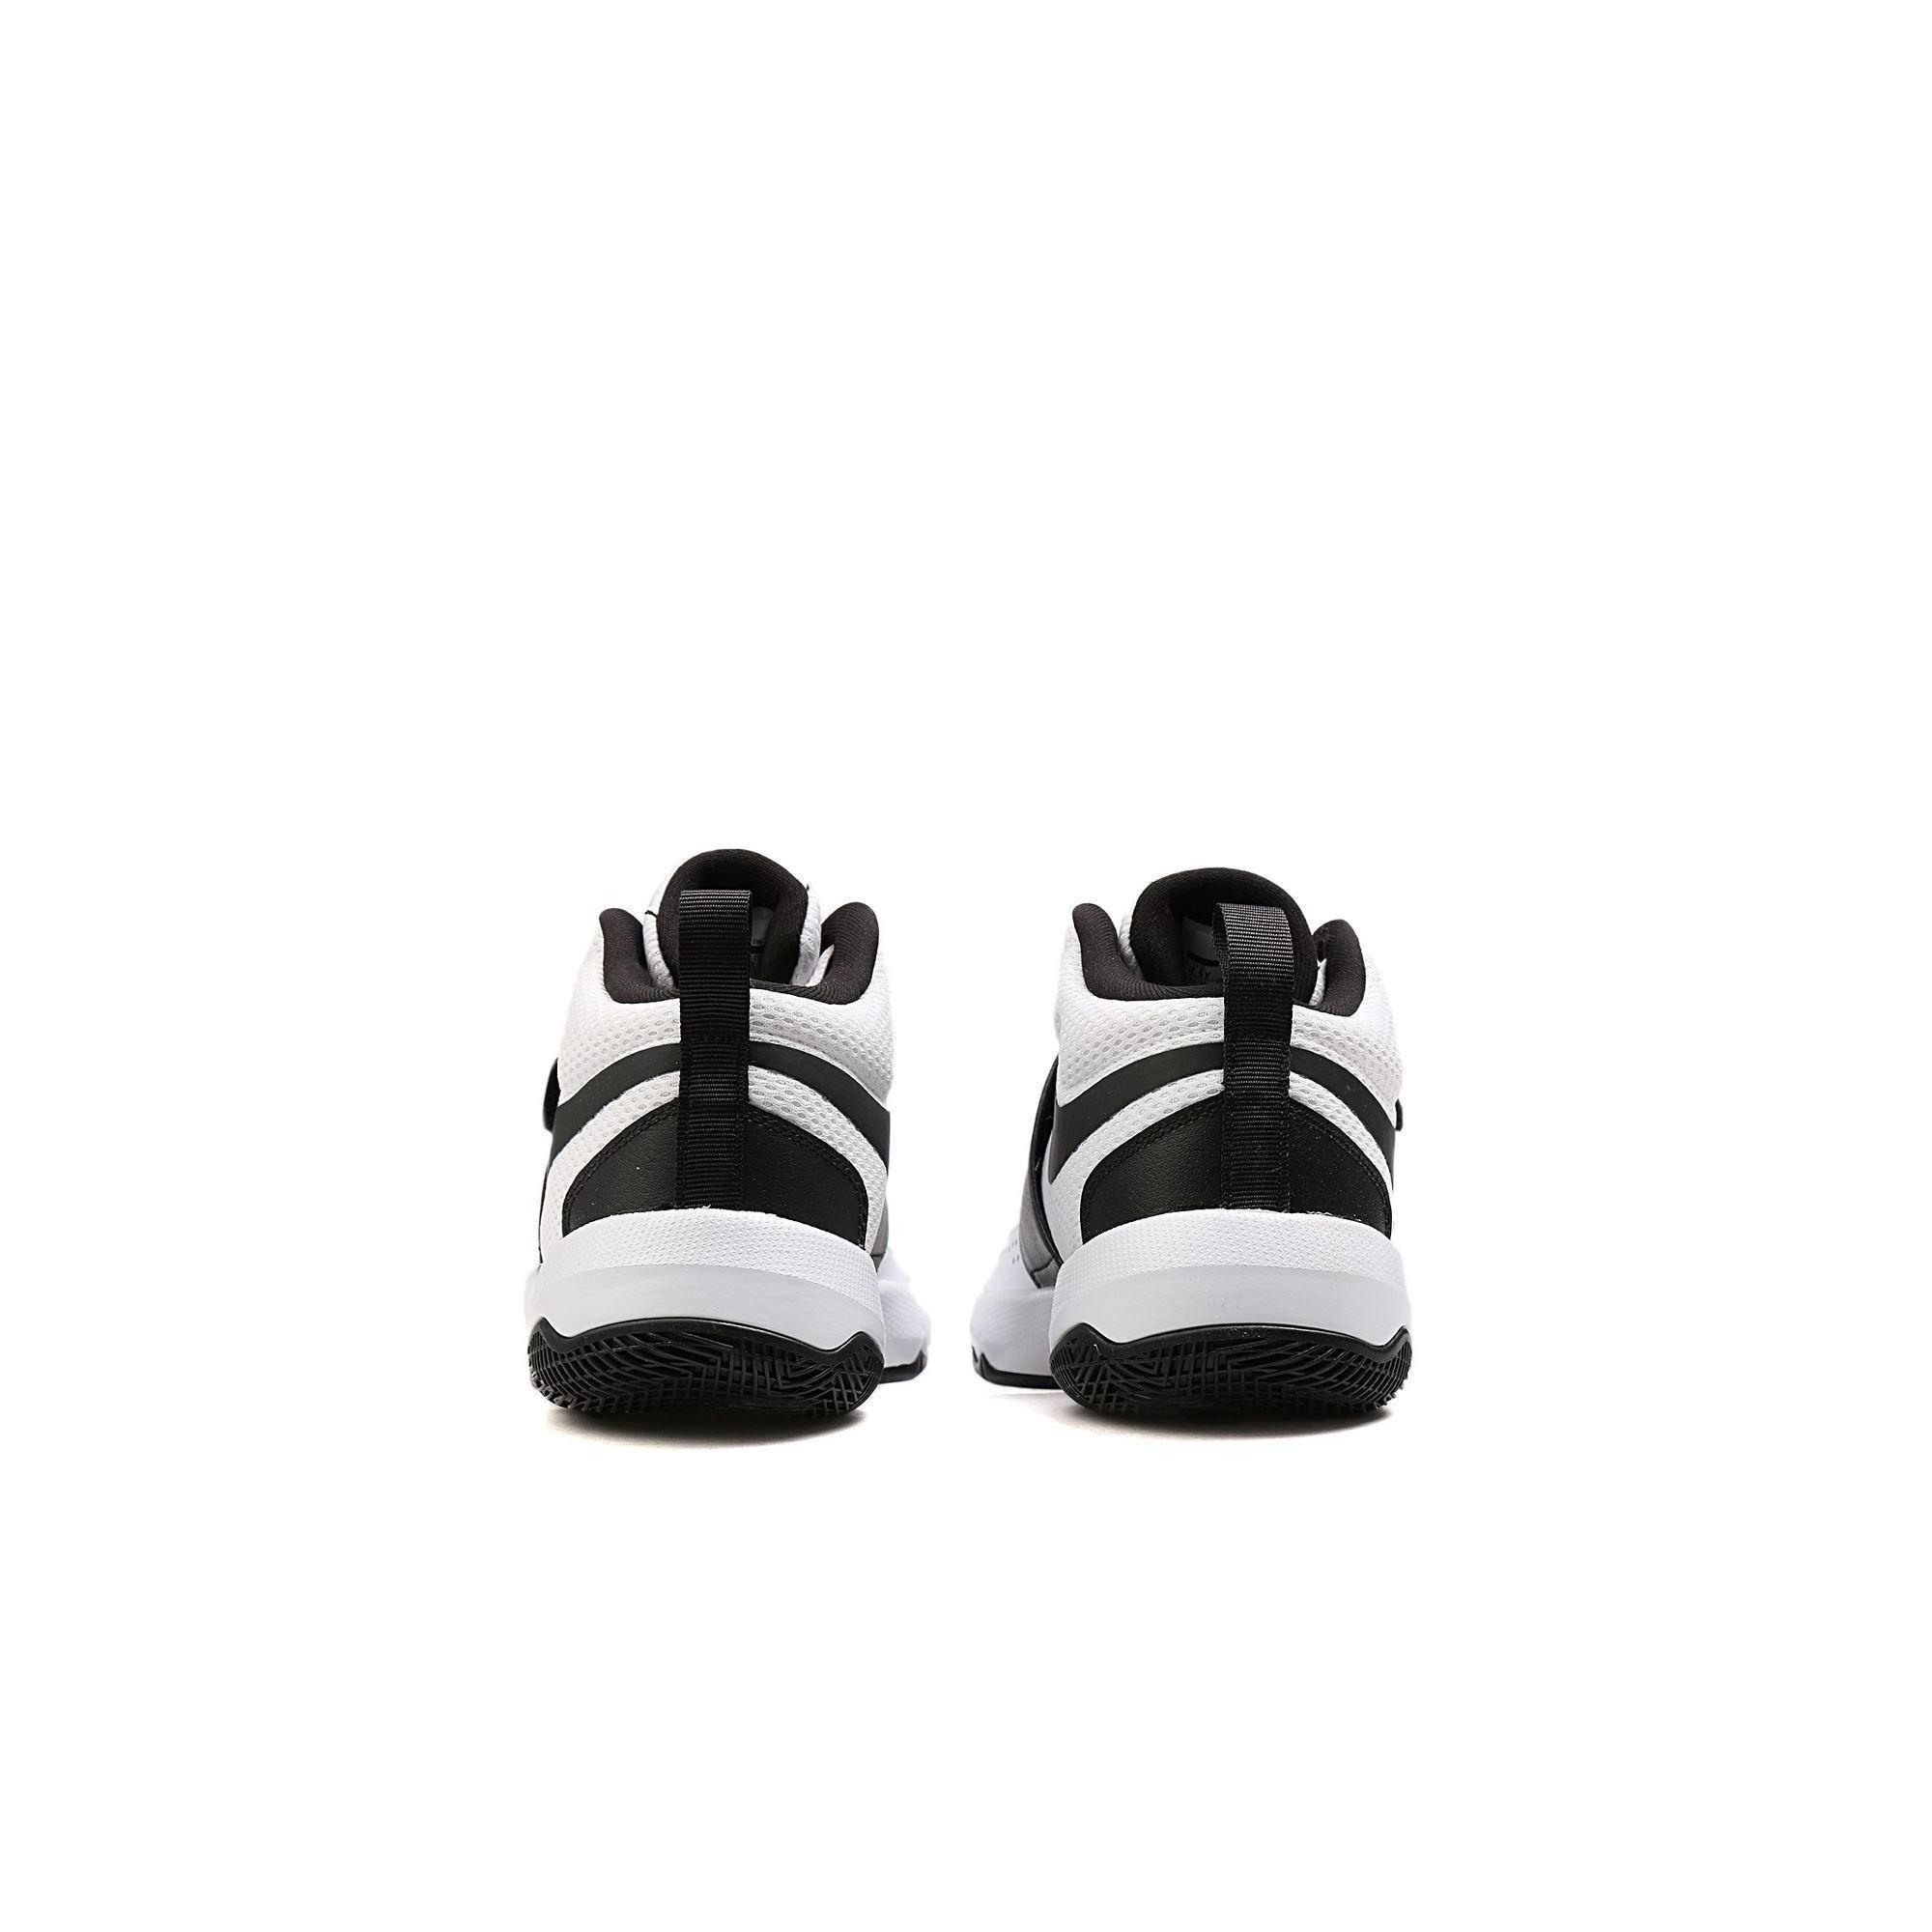 Çocuk Team Beyaz Basketbol Hustle 881942 D 100 Ayakkabısı Nike 8 RqY1xCw